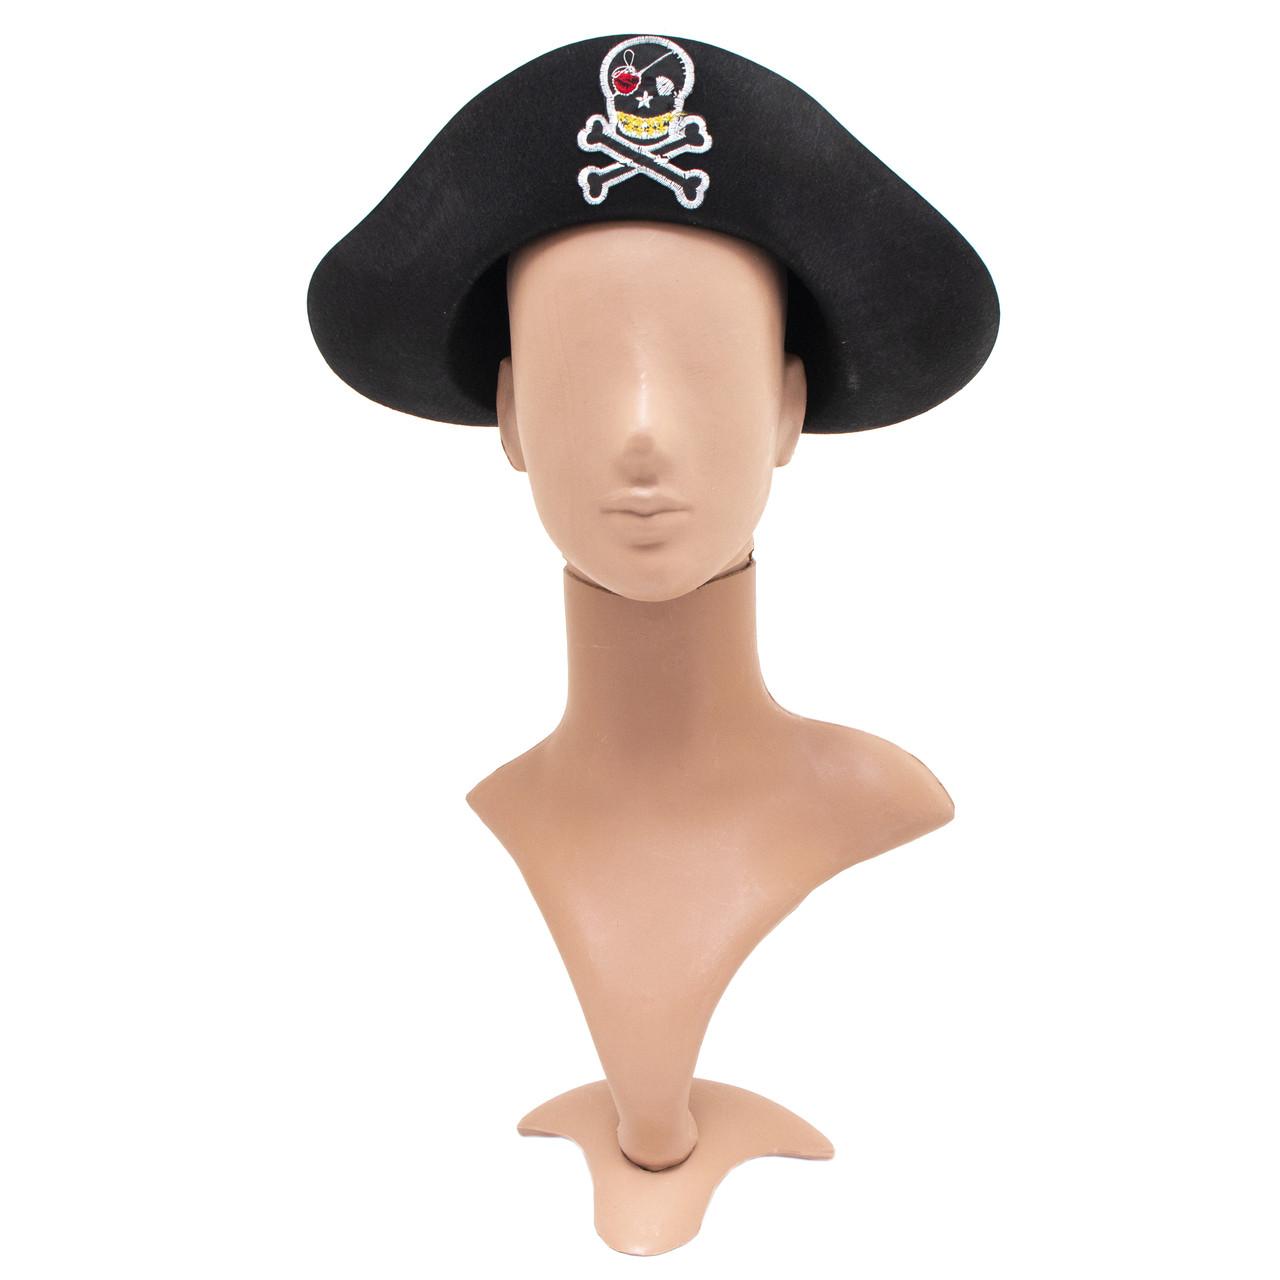 Фетровая шляпа пиратская 58-60 см (460212)